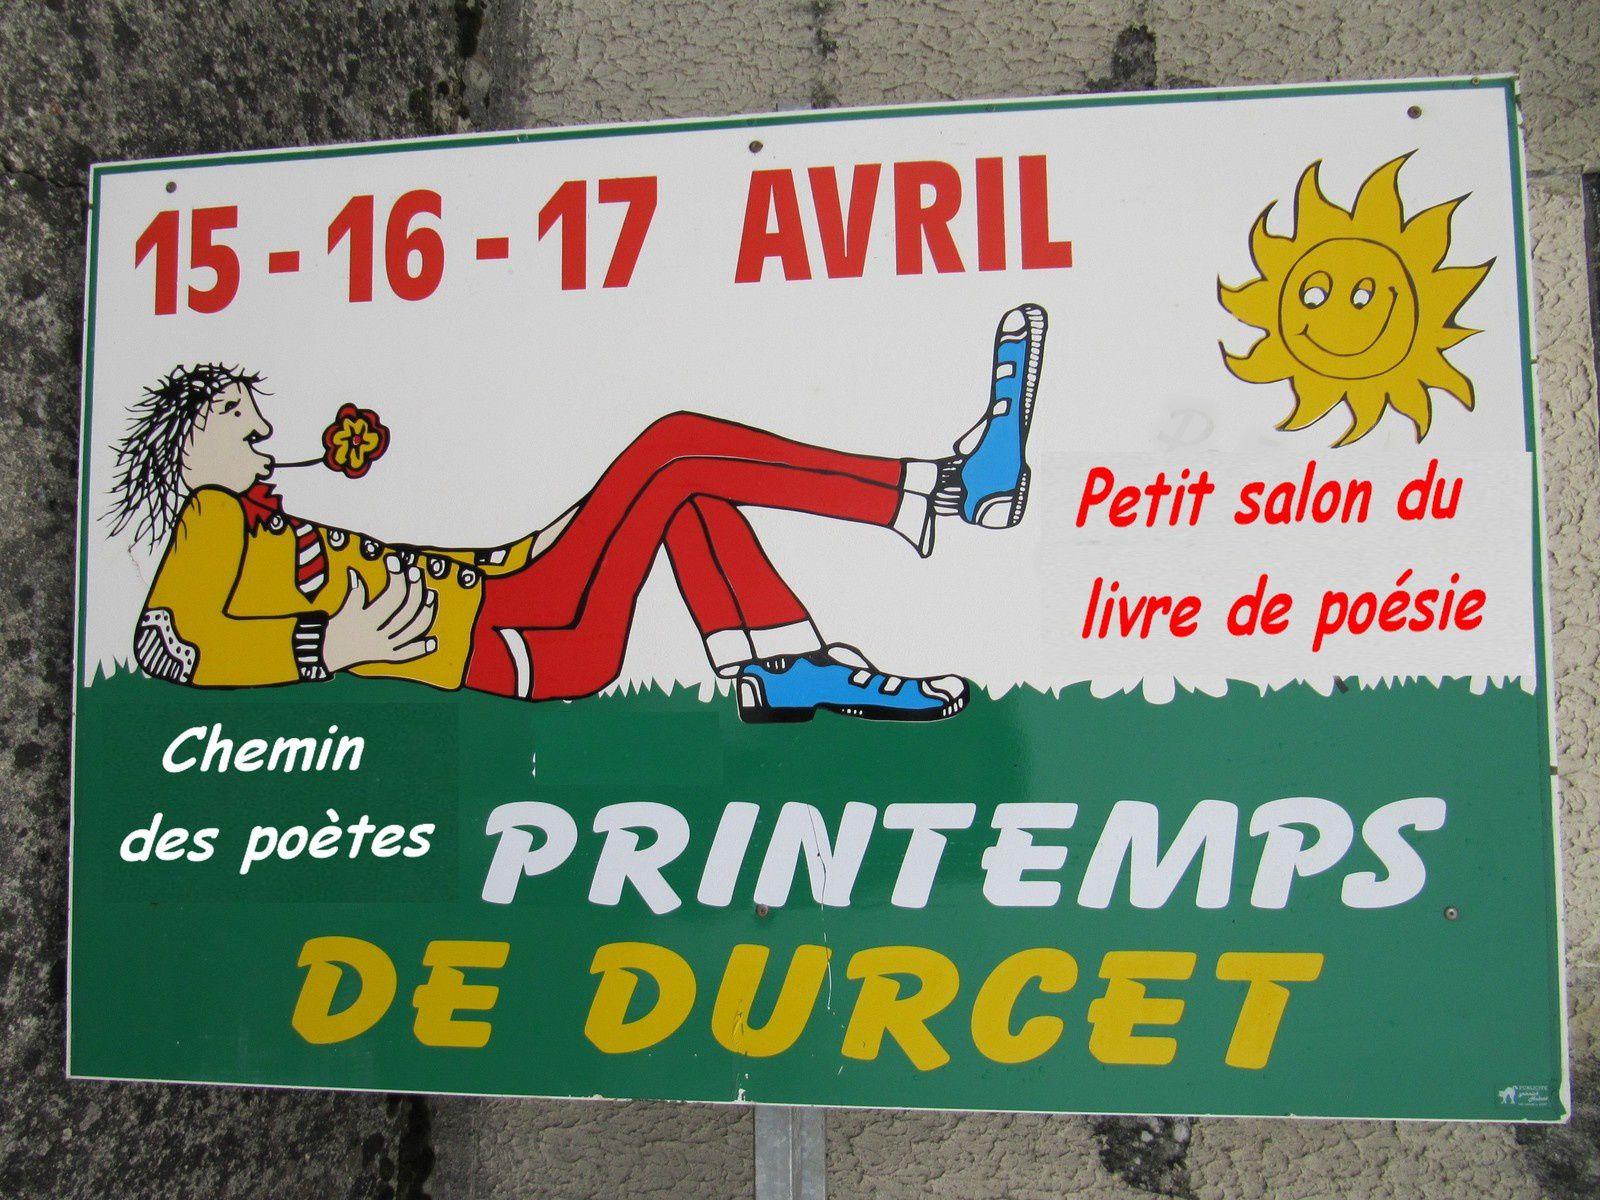 1- printemps 2008 / 2- 2010 / 3- 2014 / 4,5 et 6- 2011 (photographes habituels)